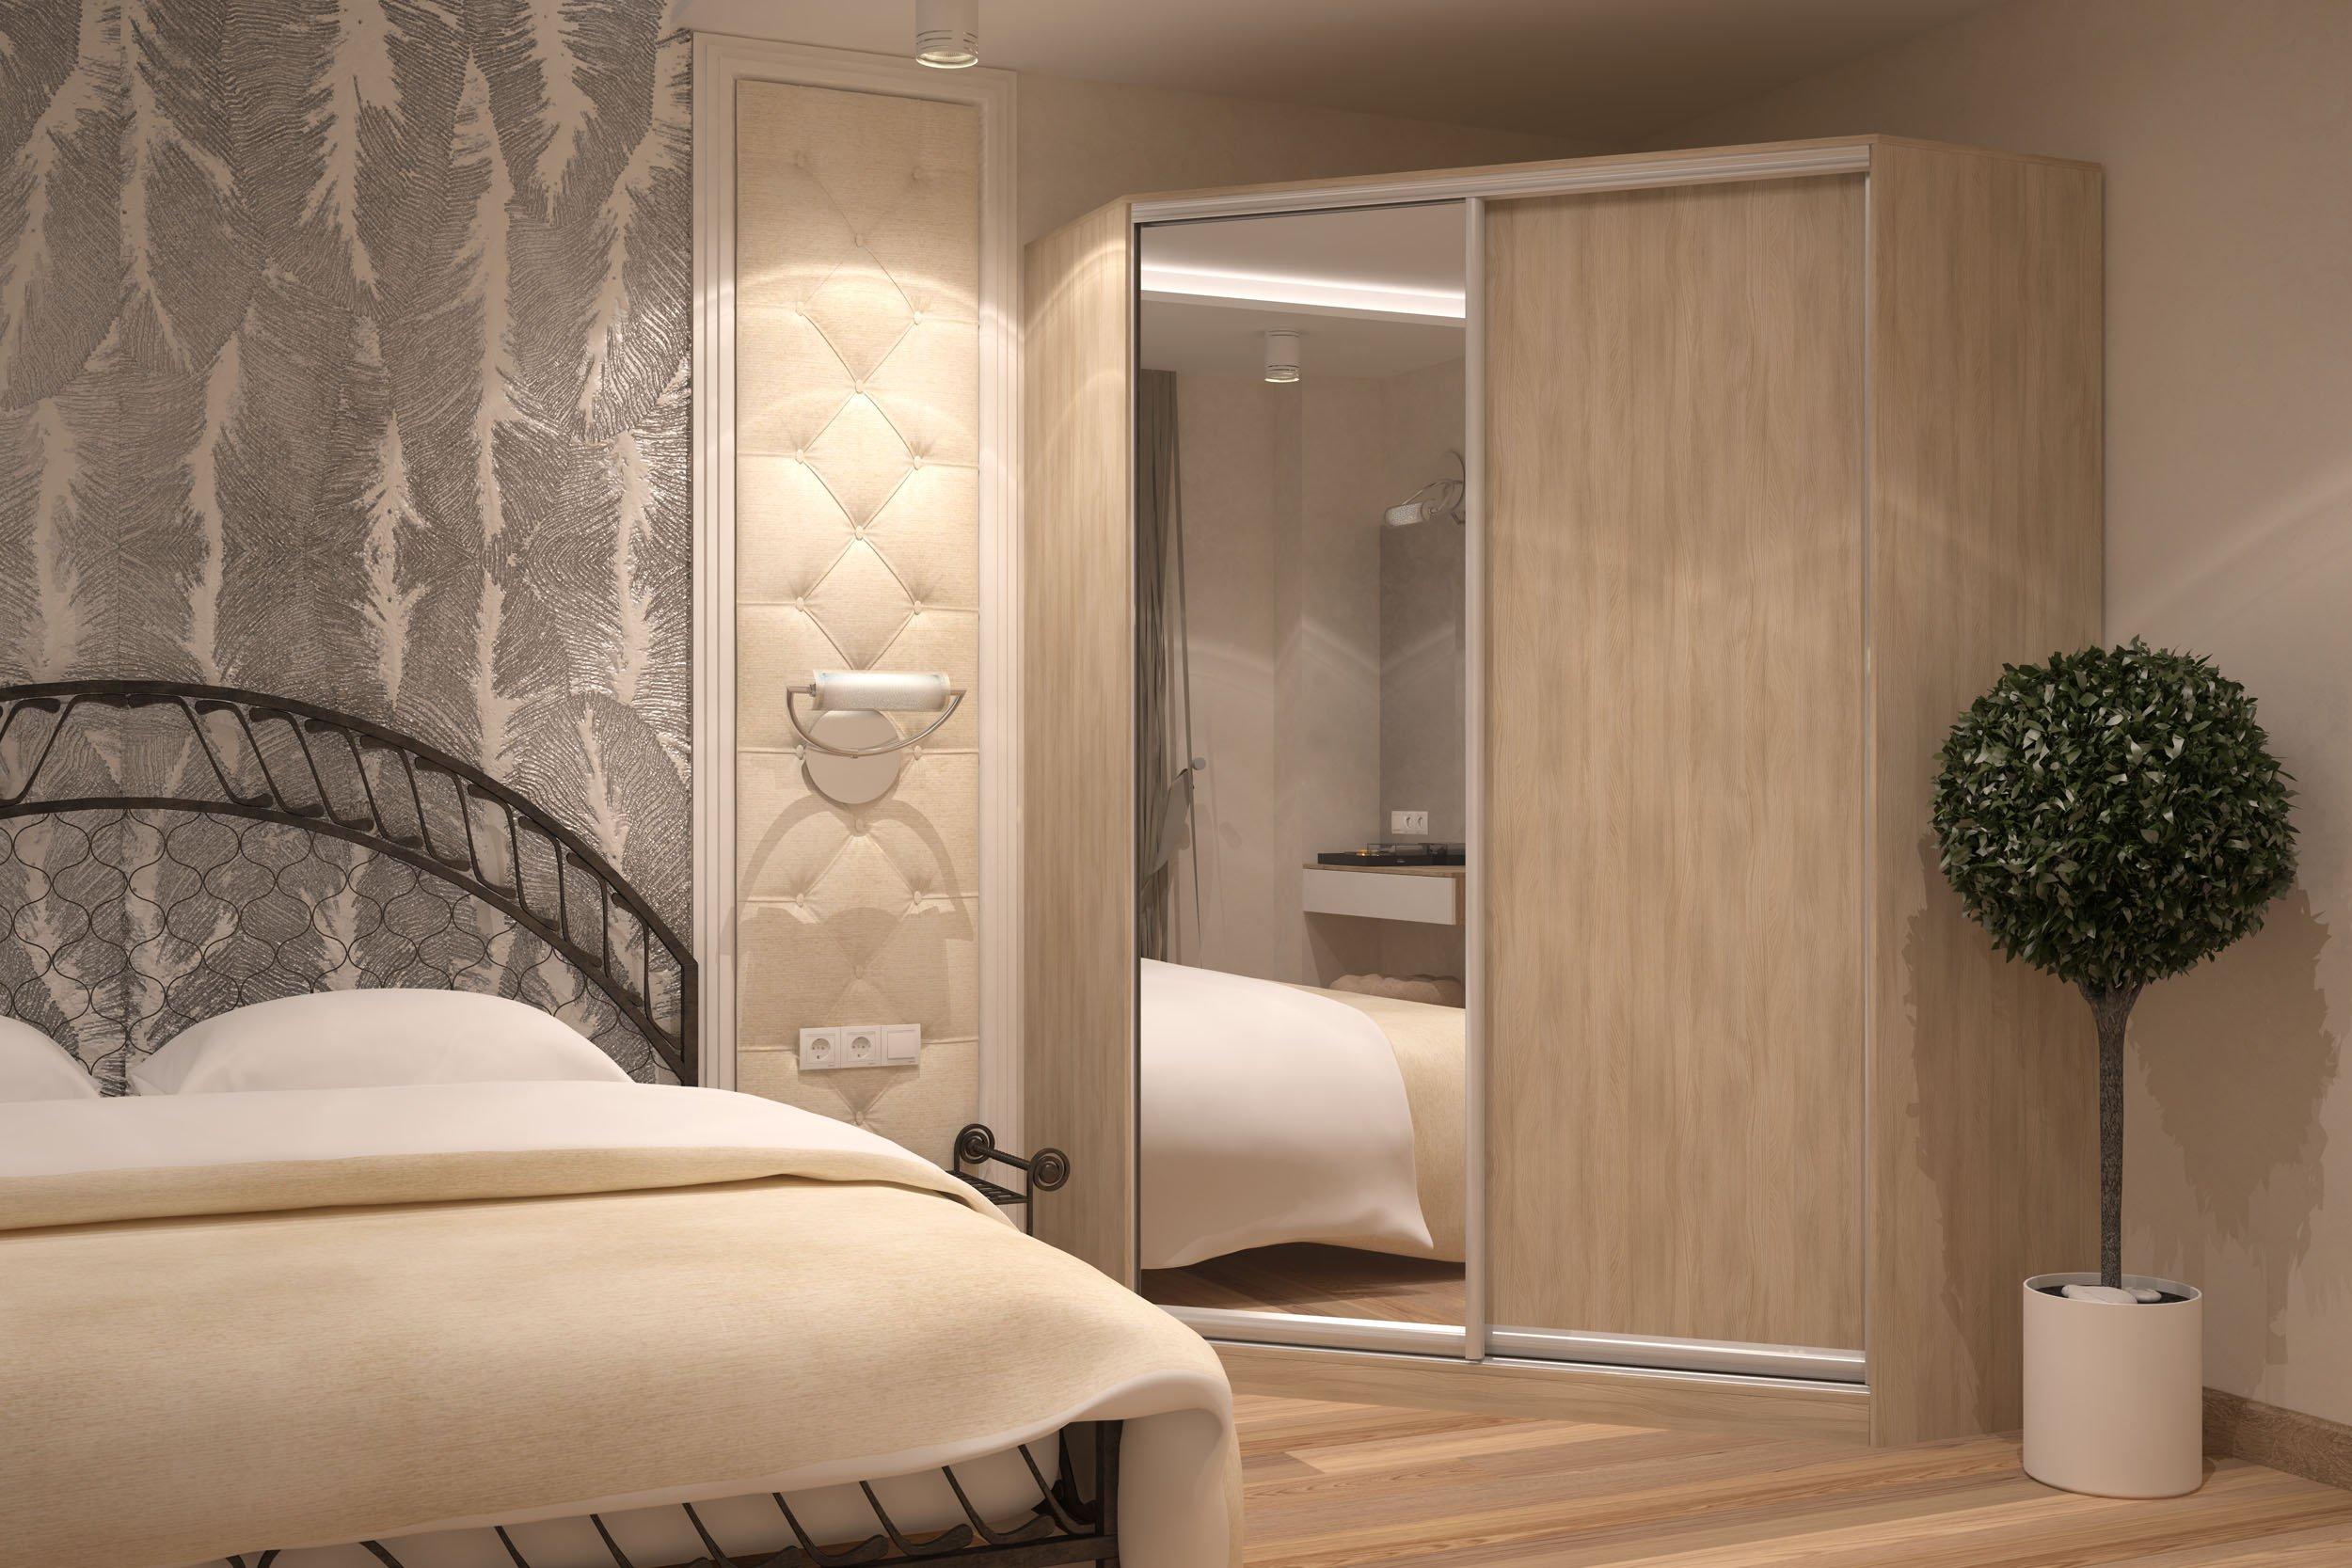 картинки шифоньеров для спальни утилита, помощью